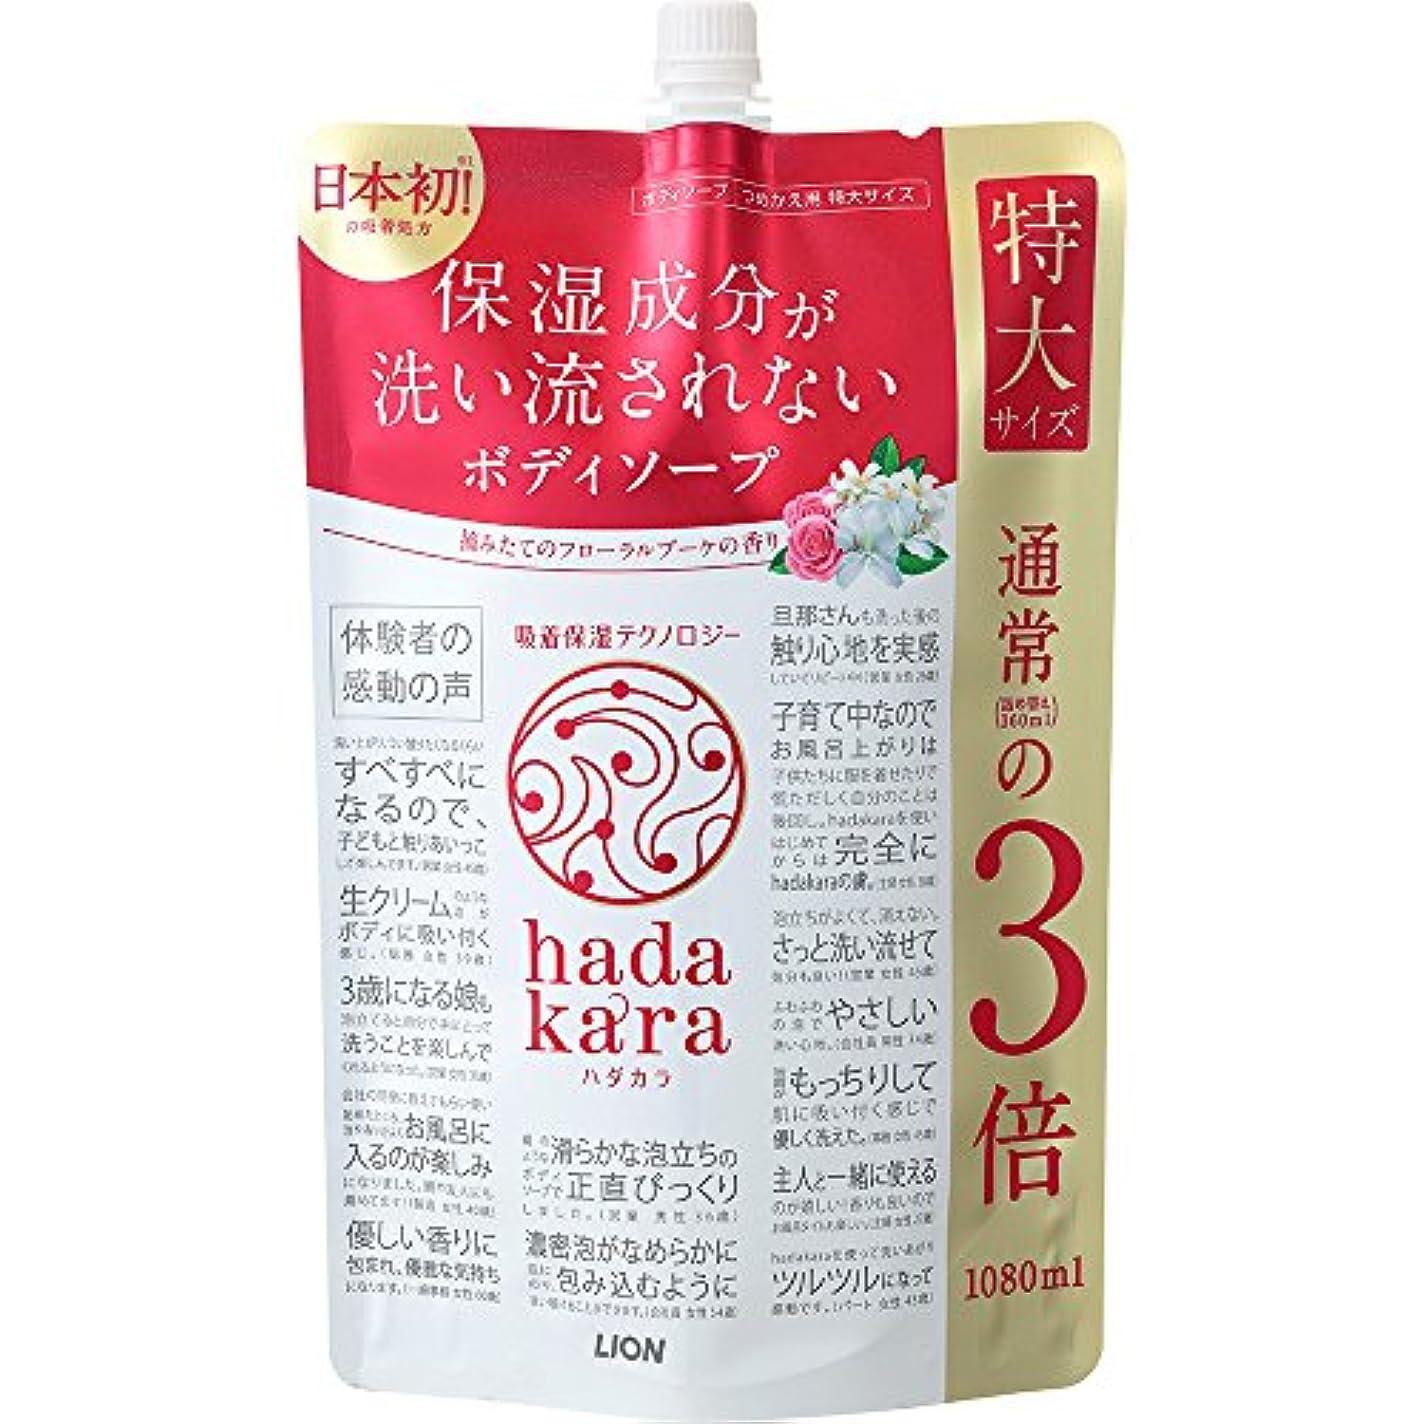 ジェムデッキ引数【大容量】hadakara(ハダカラ) ボディソープ フローラルブーケの香り 詰め替え 特大 1080ml